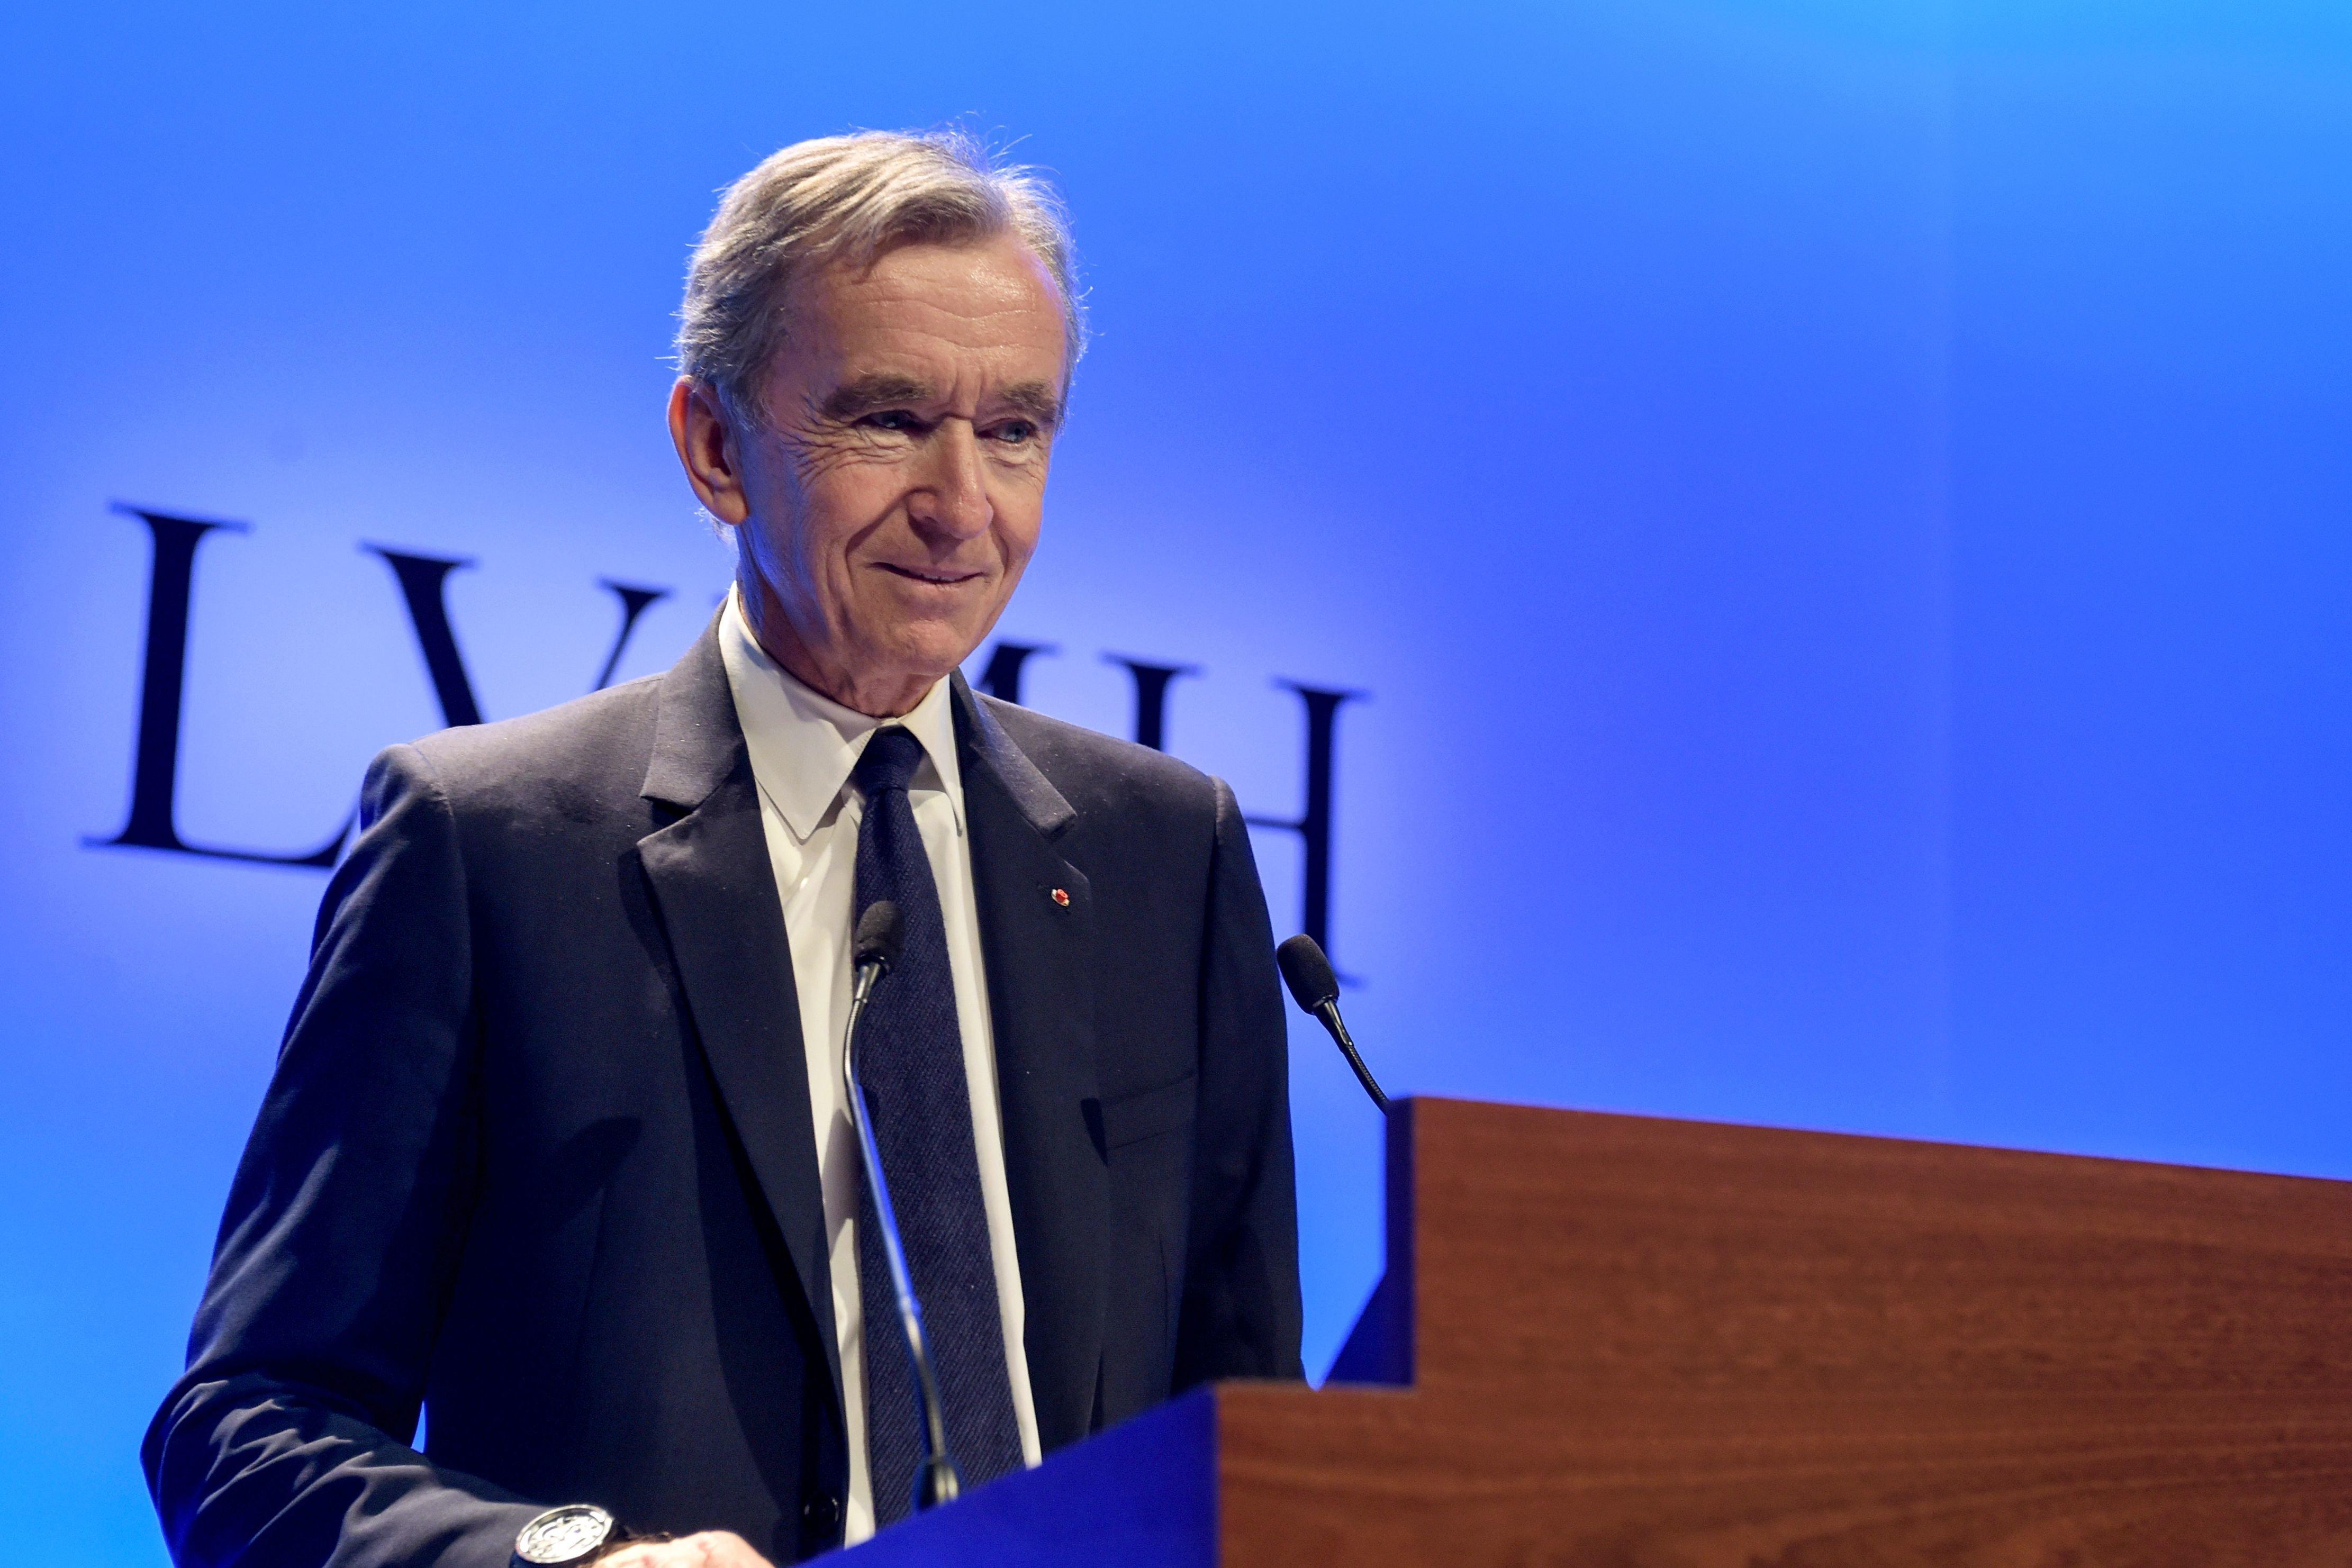 """Bernard Arnault juge """"consternant"""" de se """"faire critiquer"""" pour les dons de"""